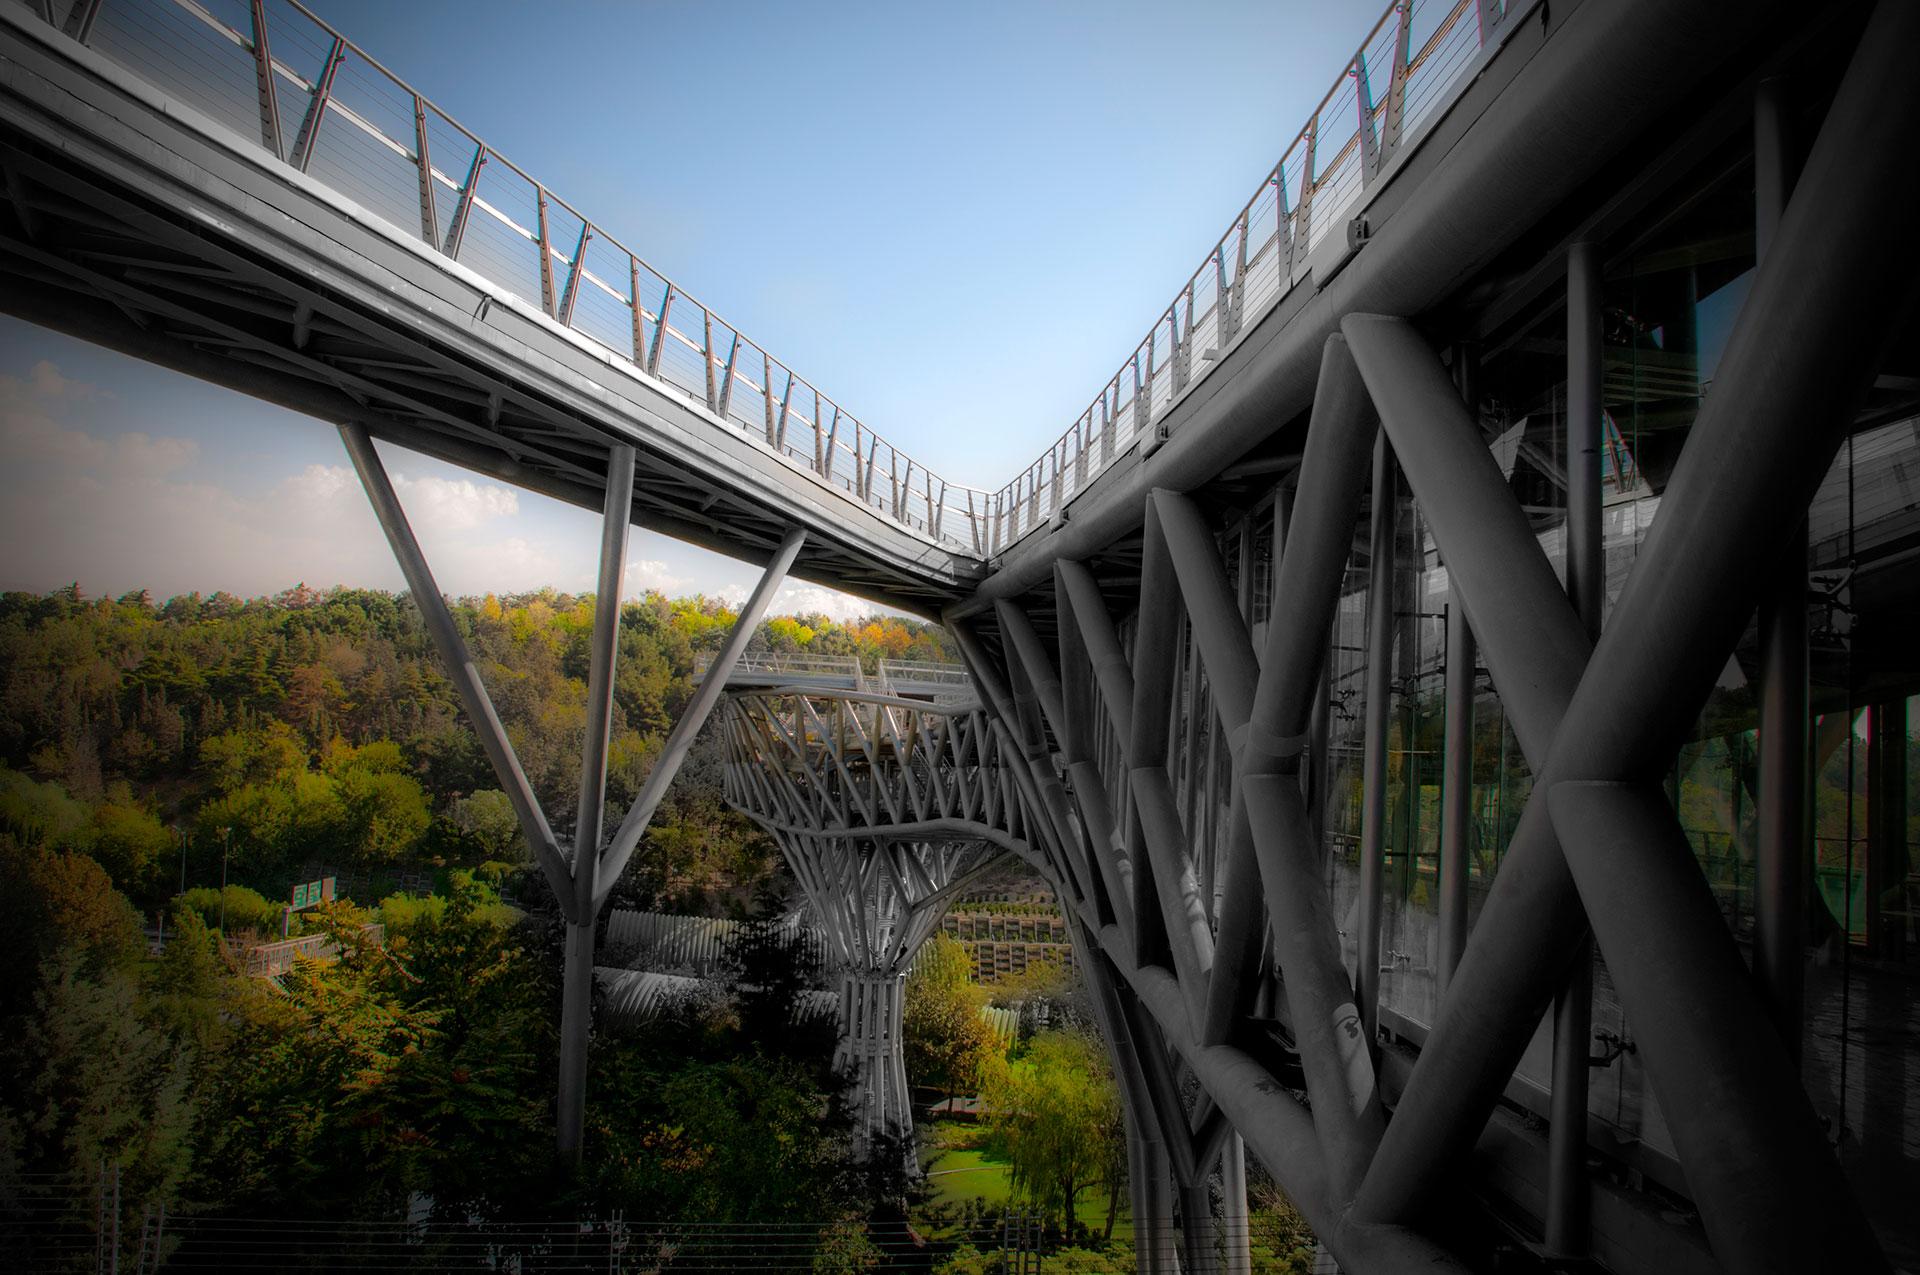 حفاظت از درختان و فضای سبز، یکی از مسائل مهم در طراحی پل طبیعت